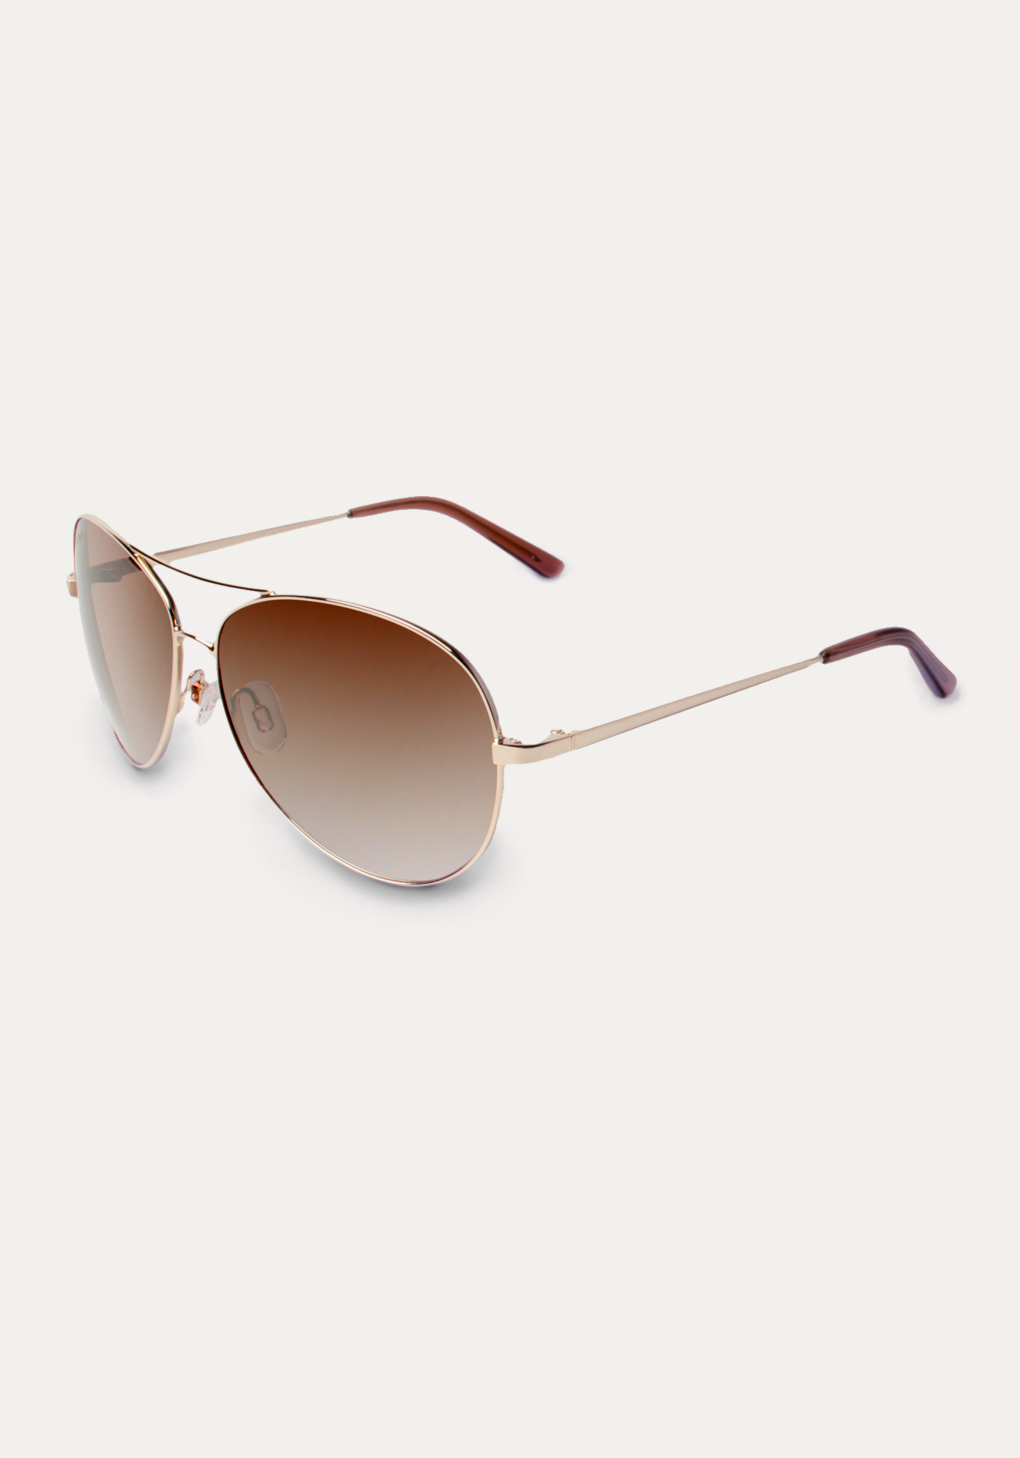 7142acce7e6b Bebe Ignitor Aviator Sunglasses in Metallic - Lyst